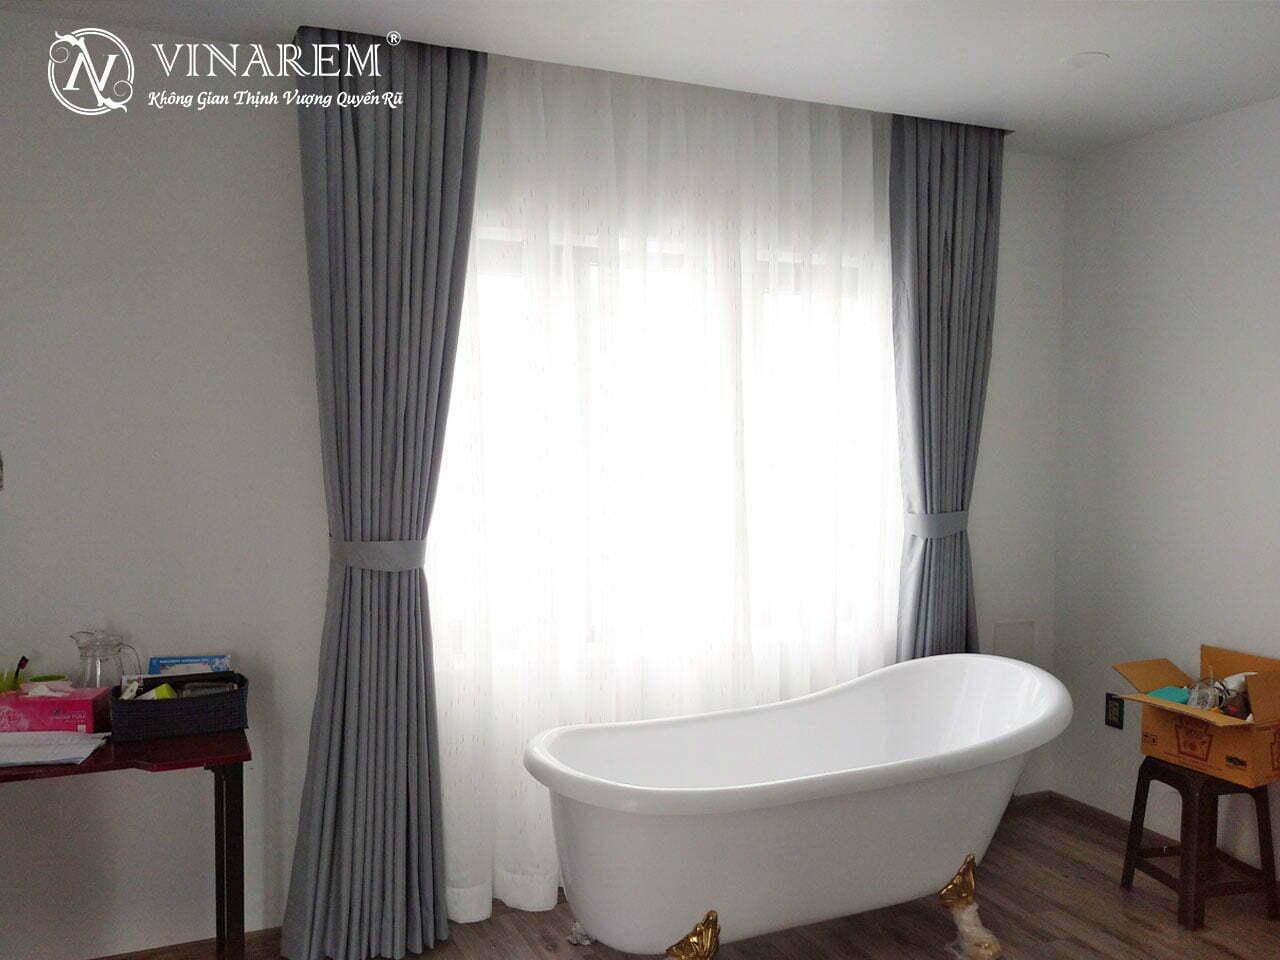 Rèm vải hai lớp cho không gian biệt thự VLPH4003 | Vinarem